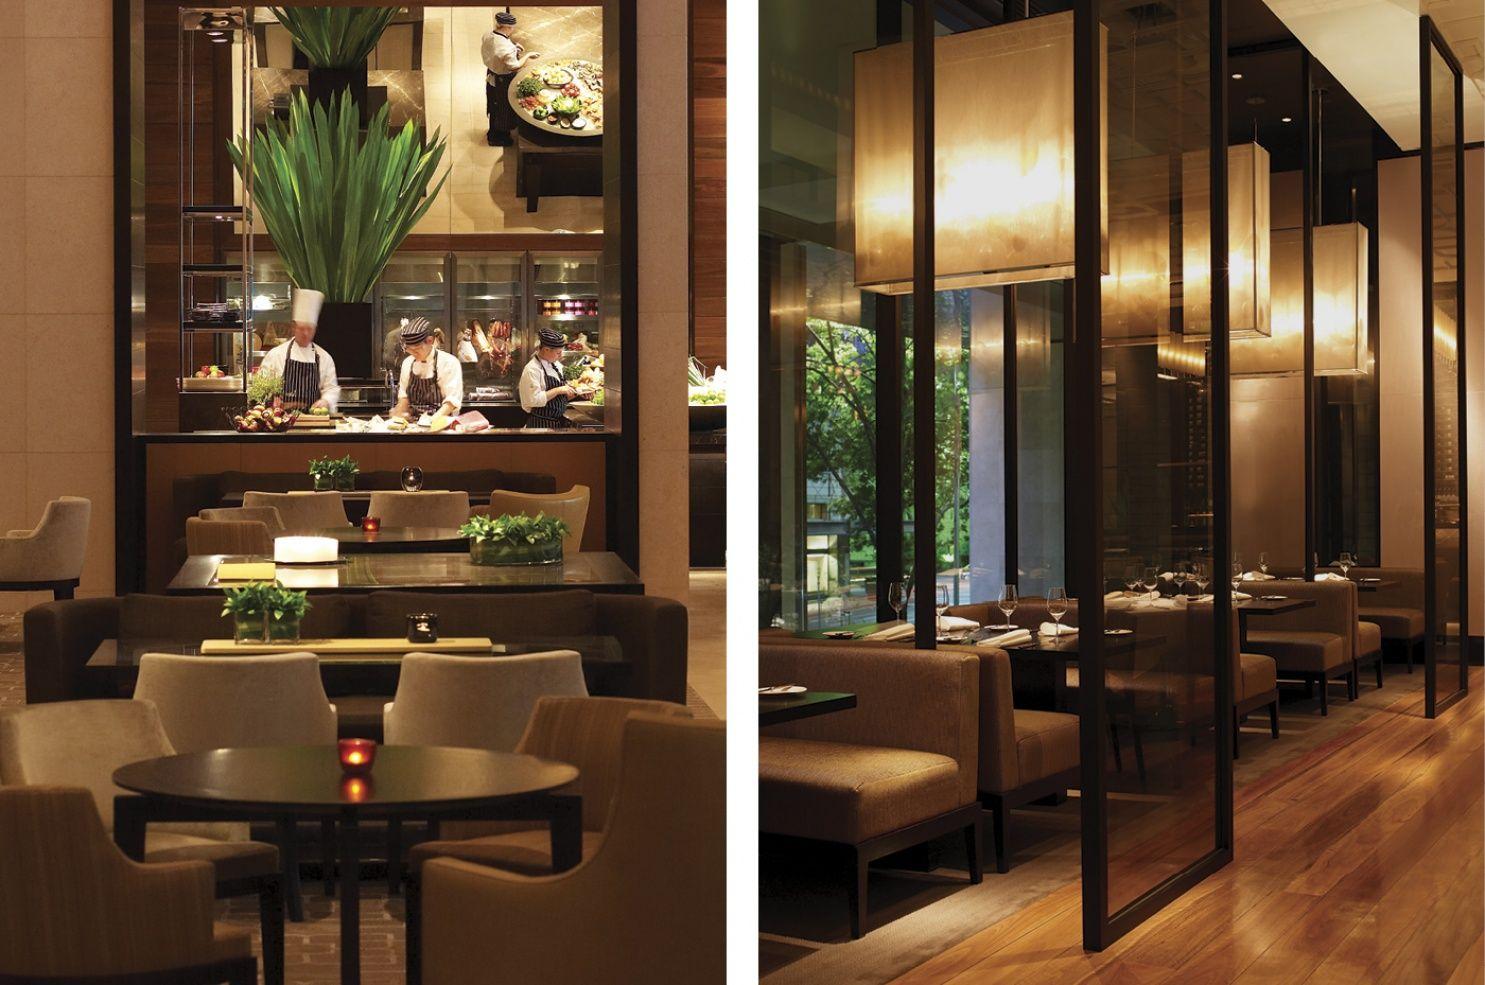 Melbourne Dining At Bistro Bar  Grand Hyatt Melbourne  Collins Captivating Park Hyatt Sydney Dining Room Decorating Design